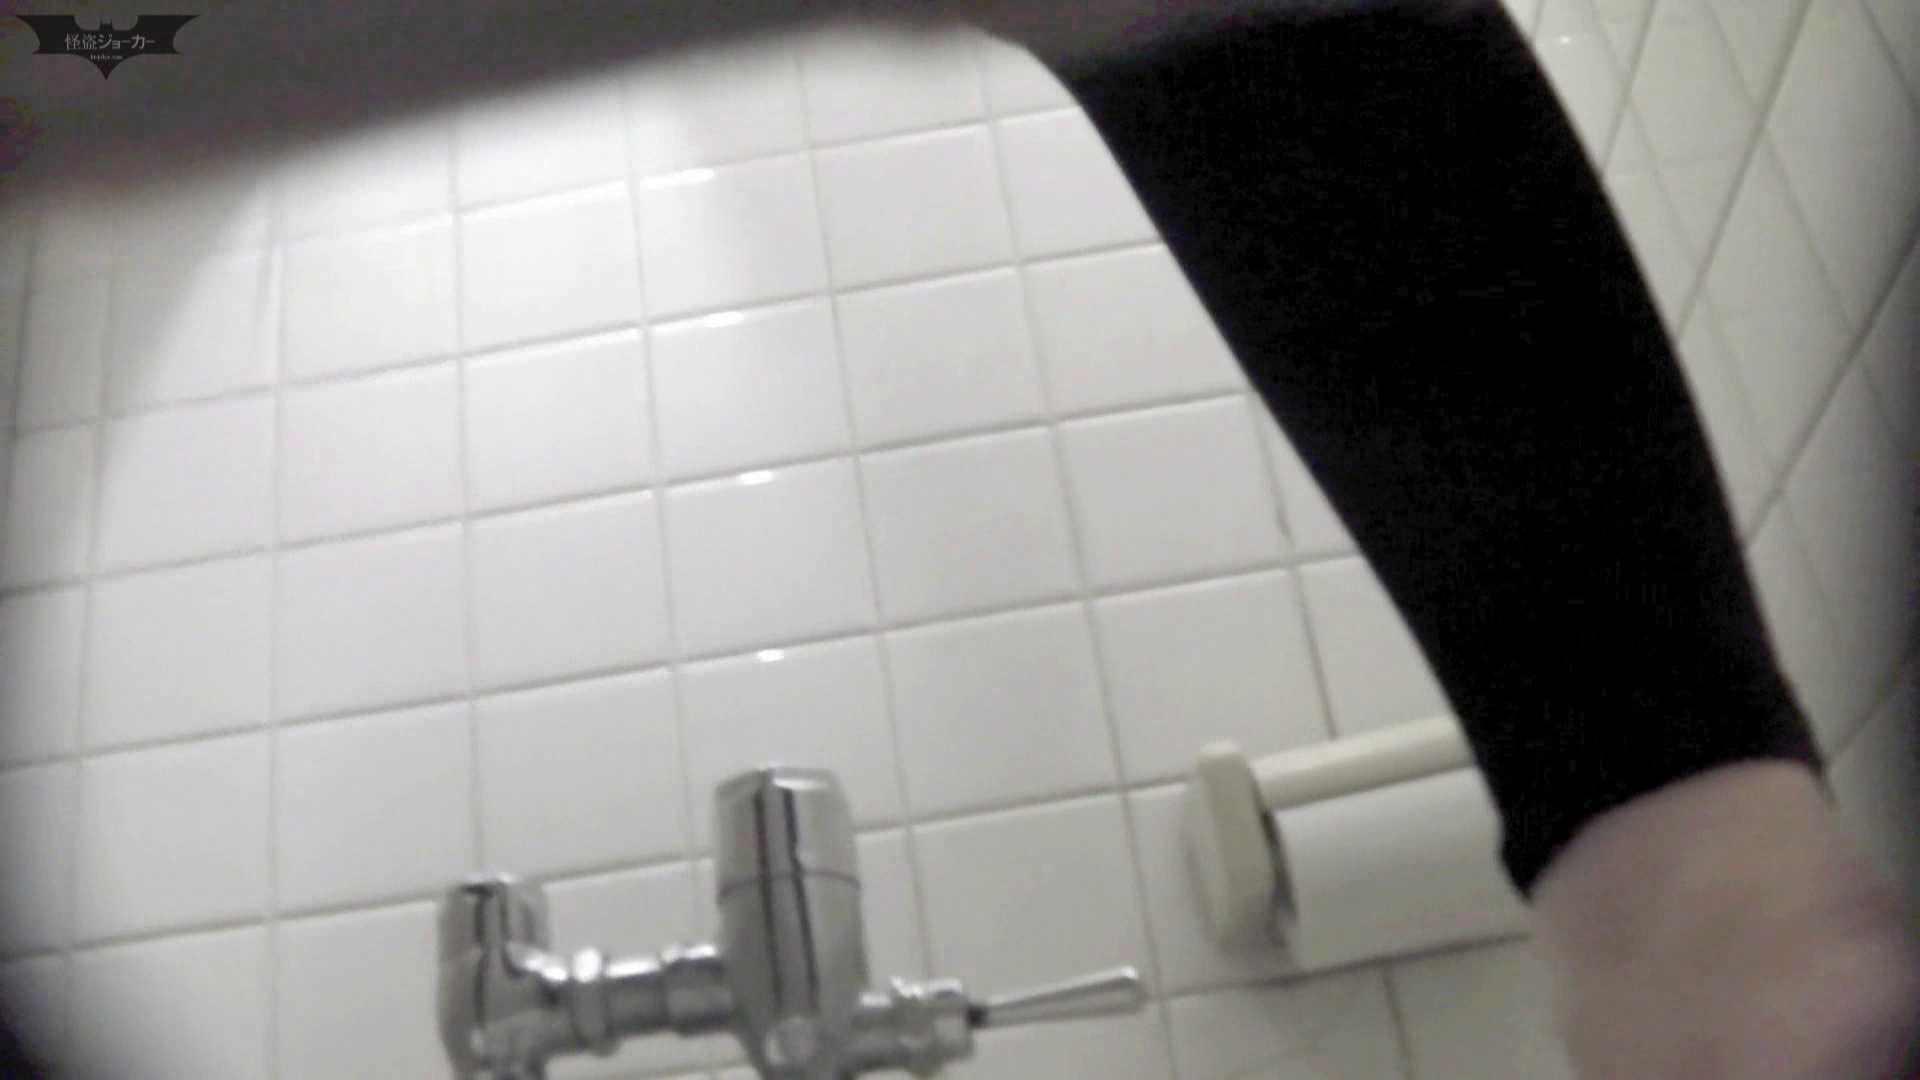 【潜入トイレ盗撮】洗面所特攻隊 vol.70 極上品の連続、歌いながら美女入室 トイレ  85pic 22